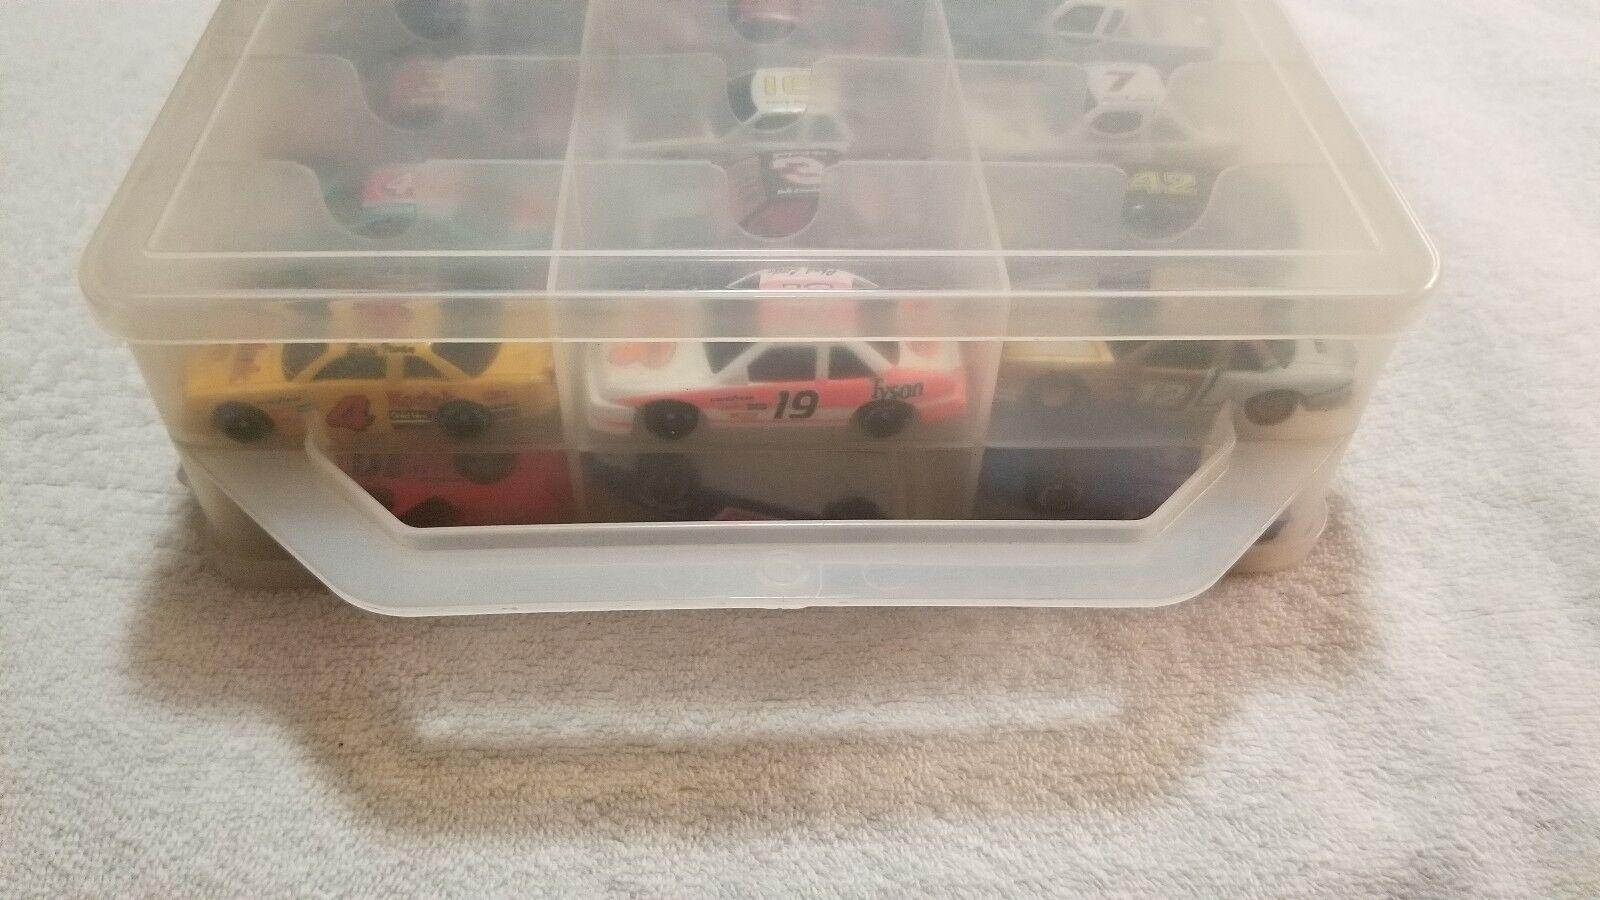 (47) coches coches coches de fundición con funda de transporte Matchbox Racing Champions + más 86c1e8